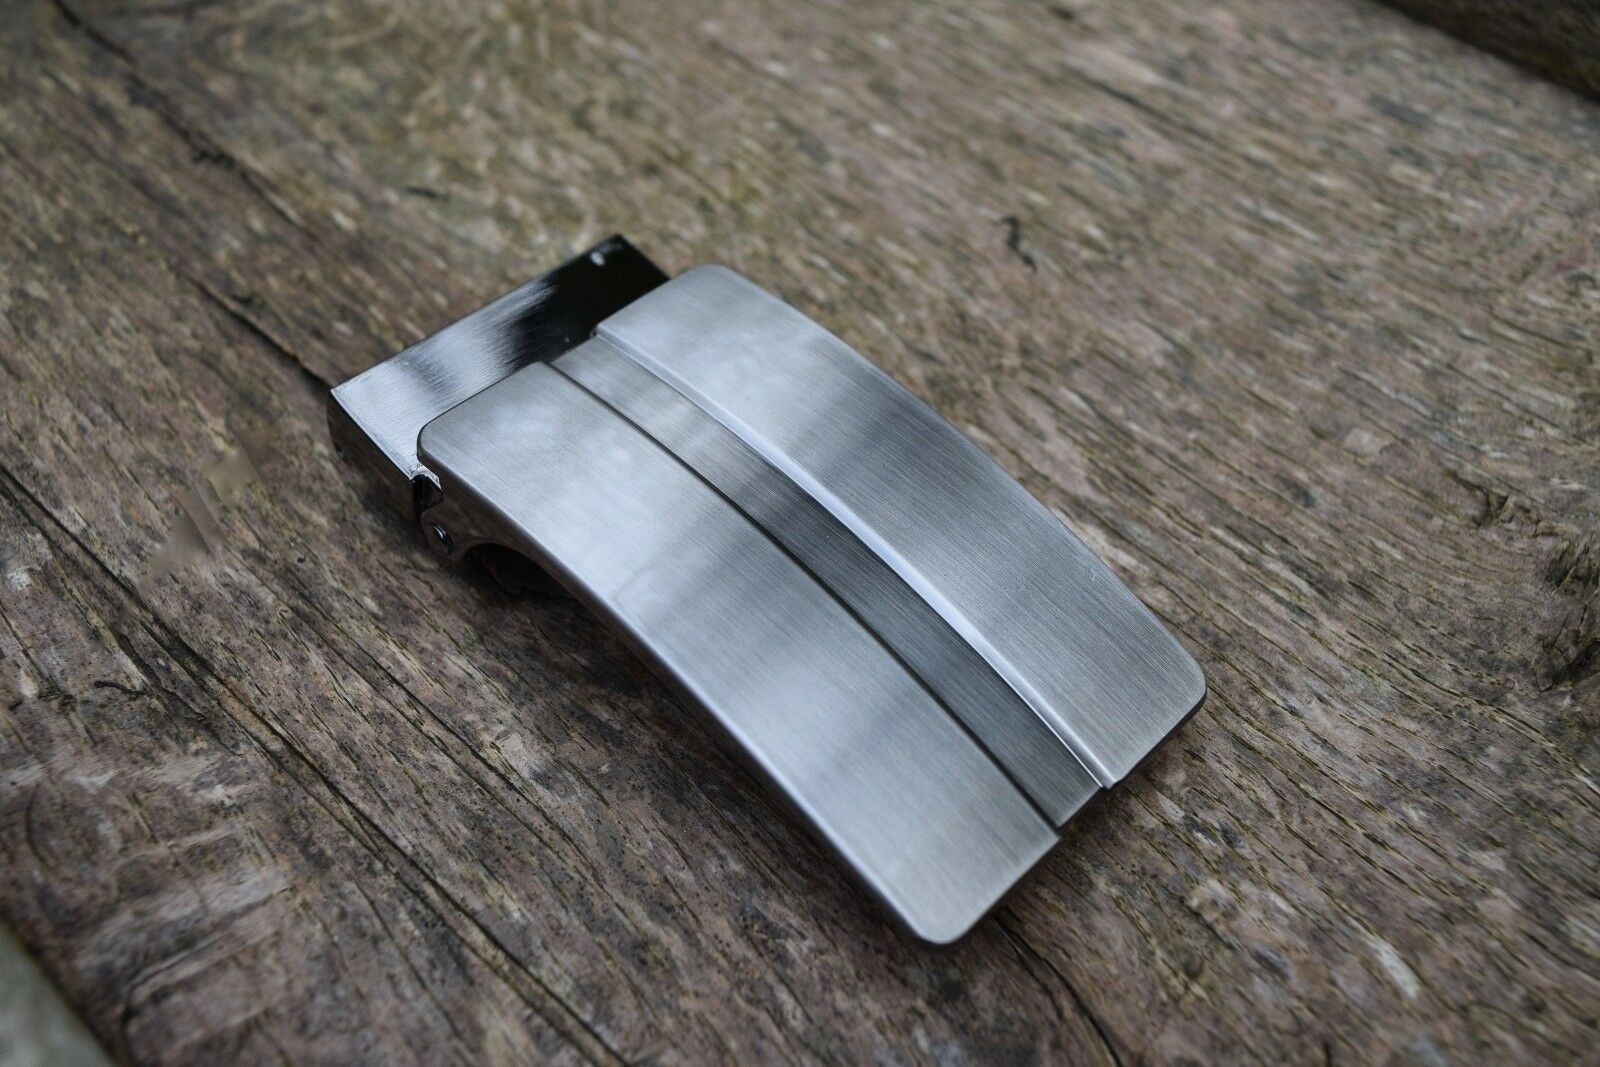 Ersatz Metall Gürtelschnalle Passend Für 35mm 3.5cm Gürtelclip Auf Schnalle Am